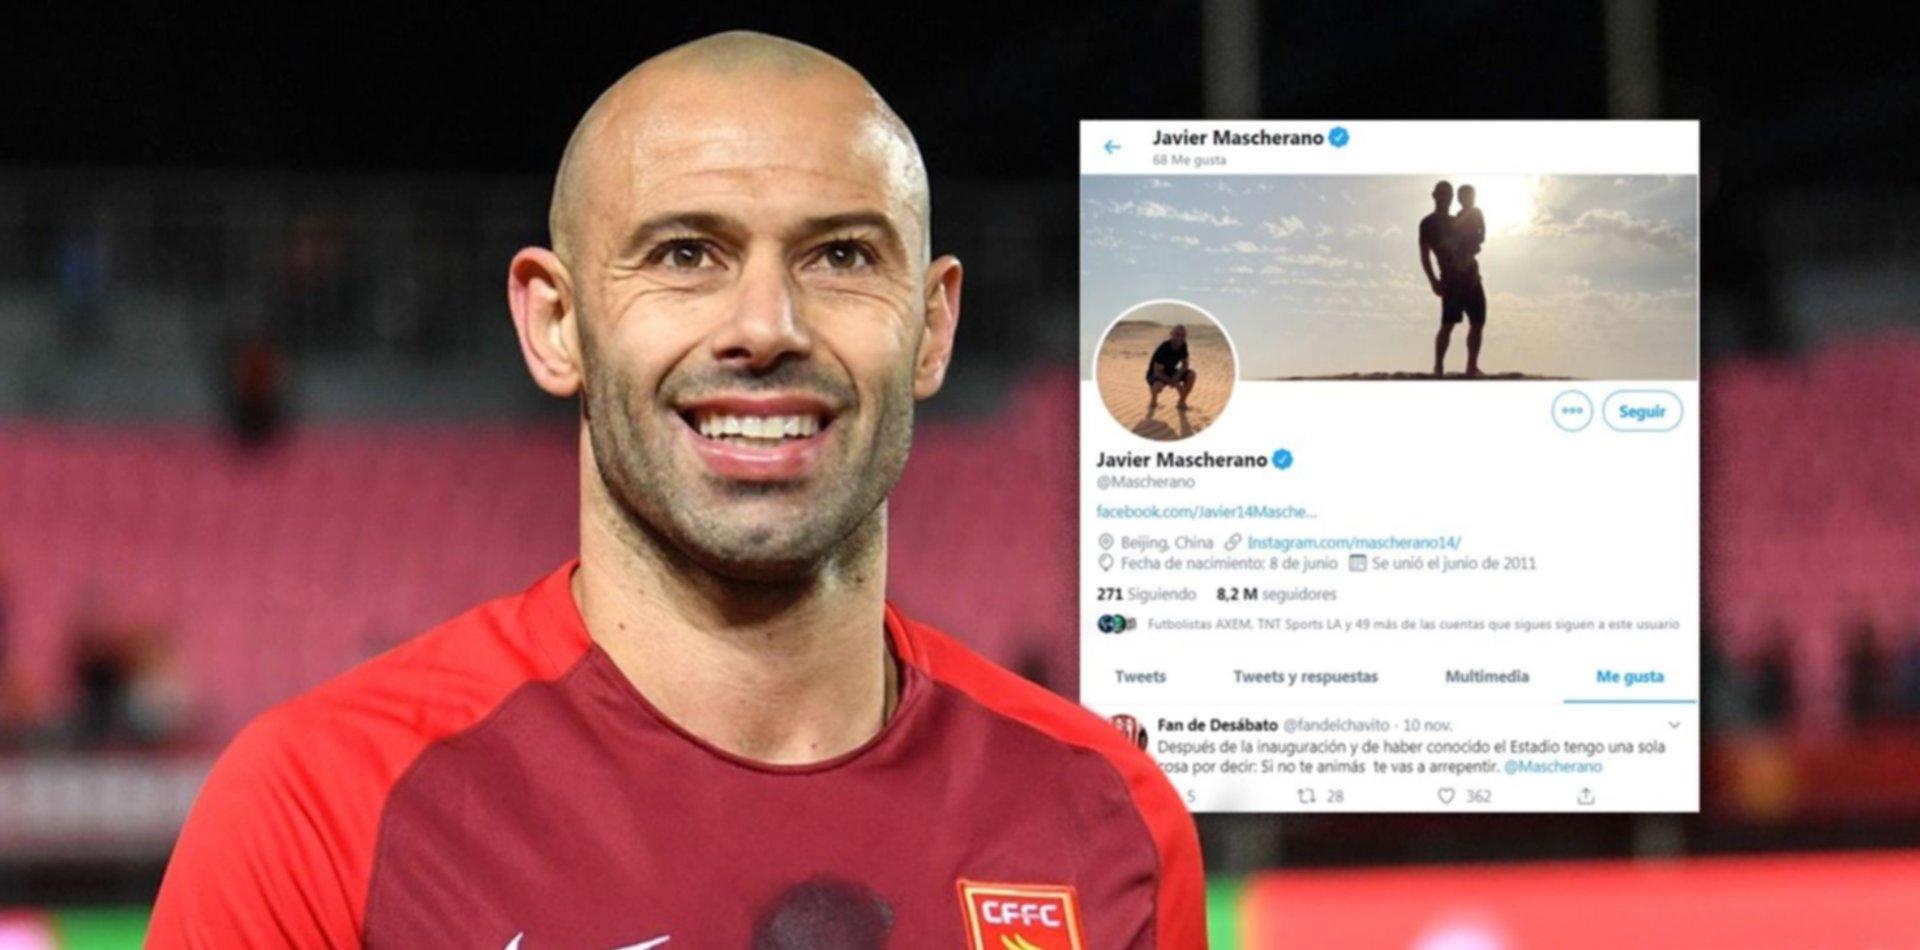 """""""Si no te animás, te vas a arrepentir"""": el tuit de Estudiantes que le gusta a Mascherano"""